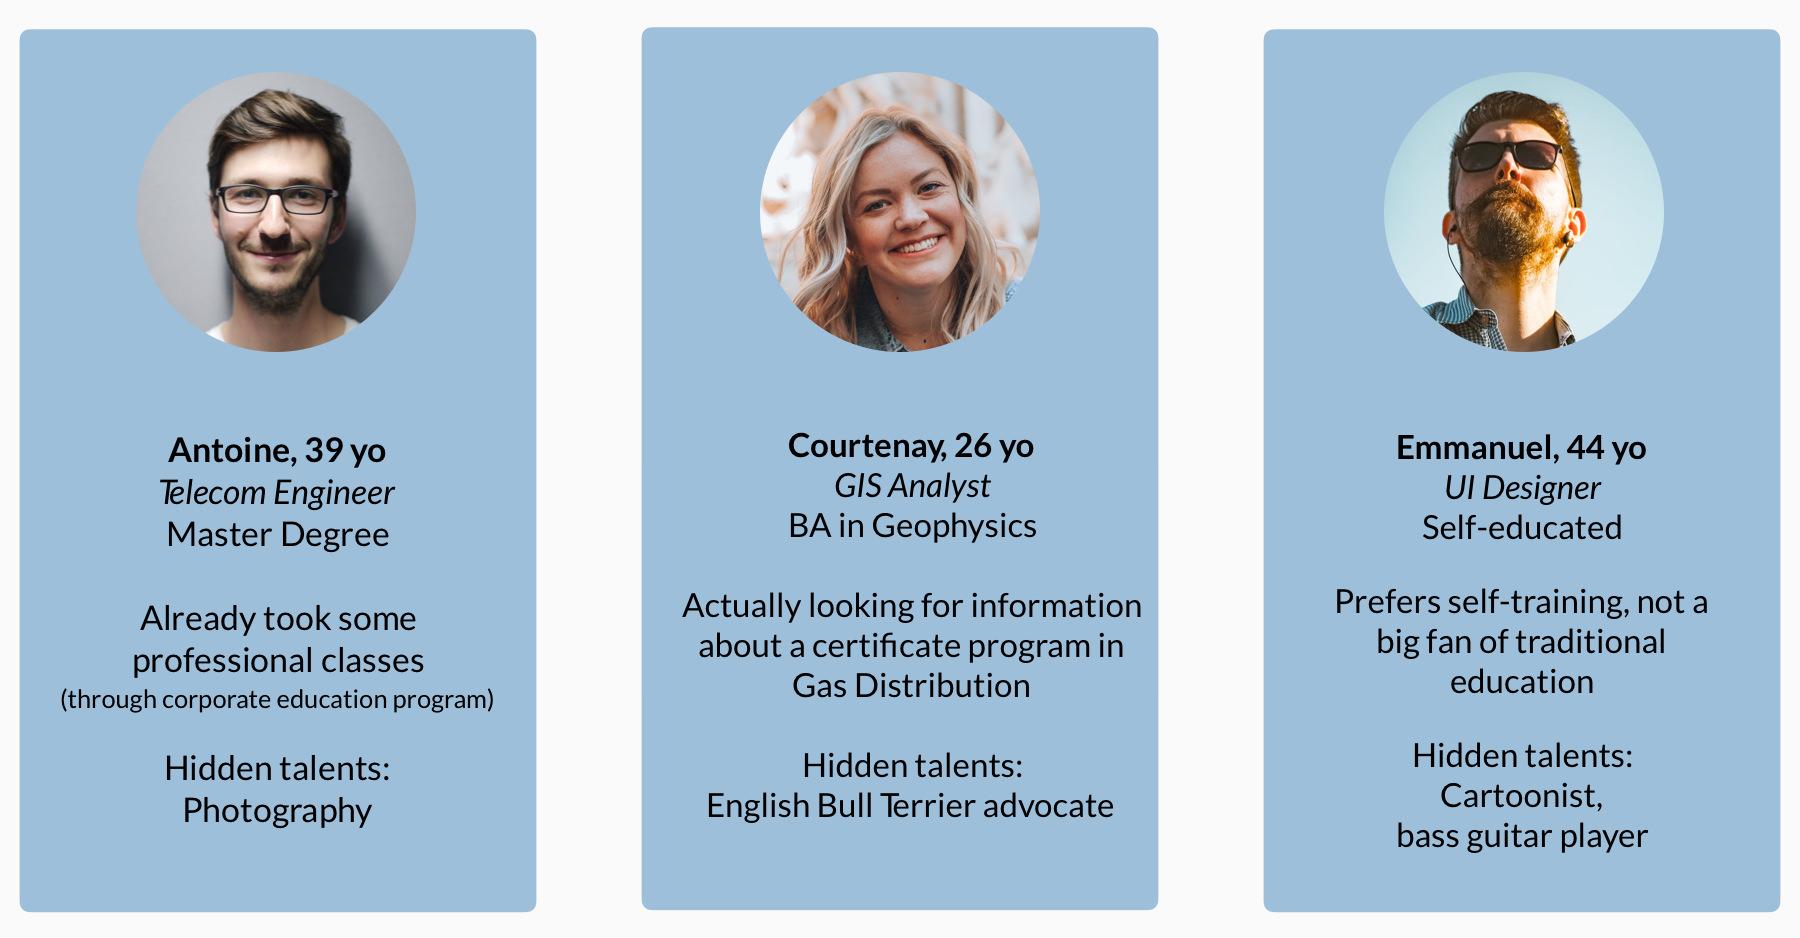 Participants profiles